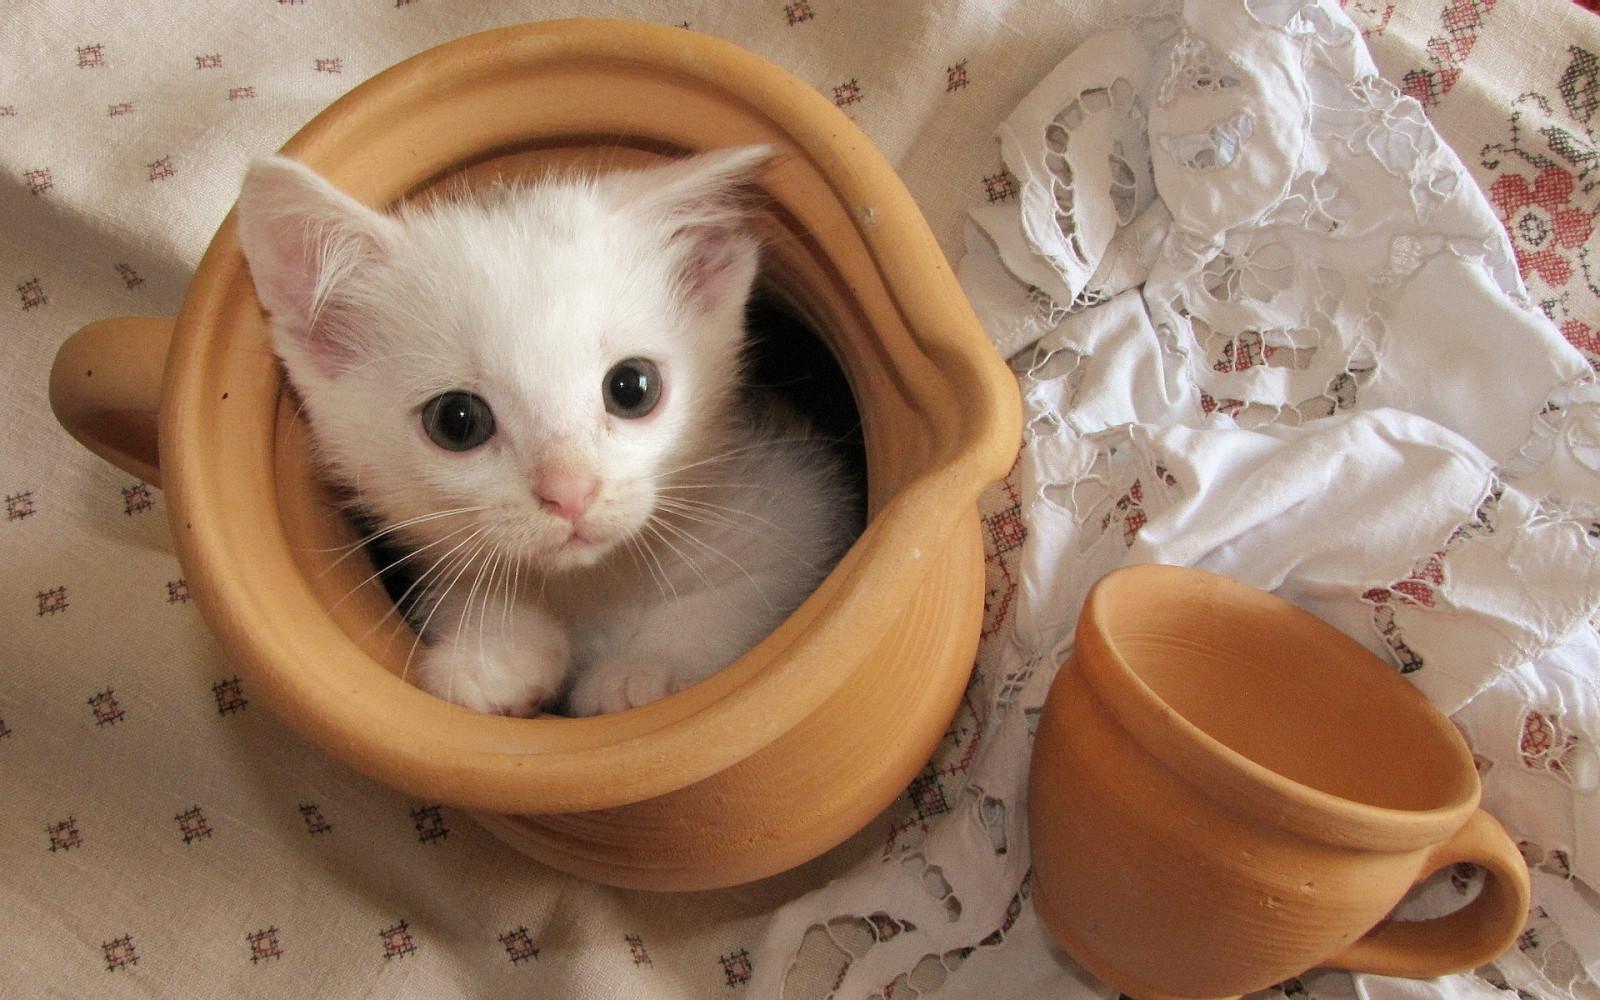 С Добрым утром, котенок! - гиф анимация 77